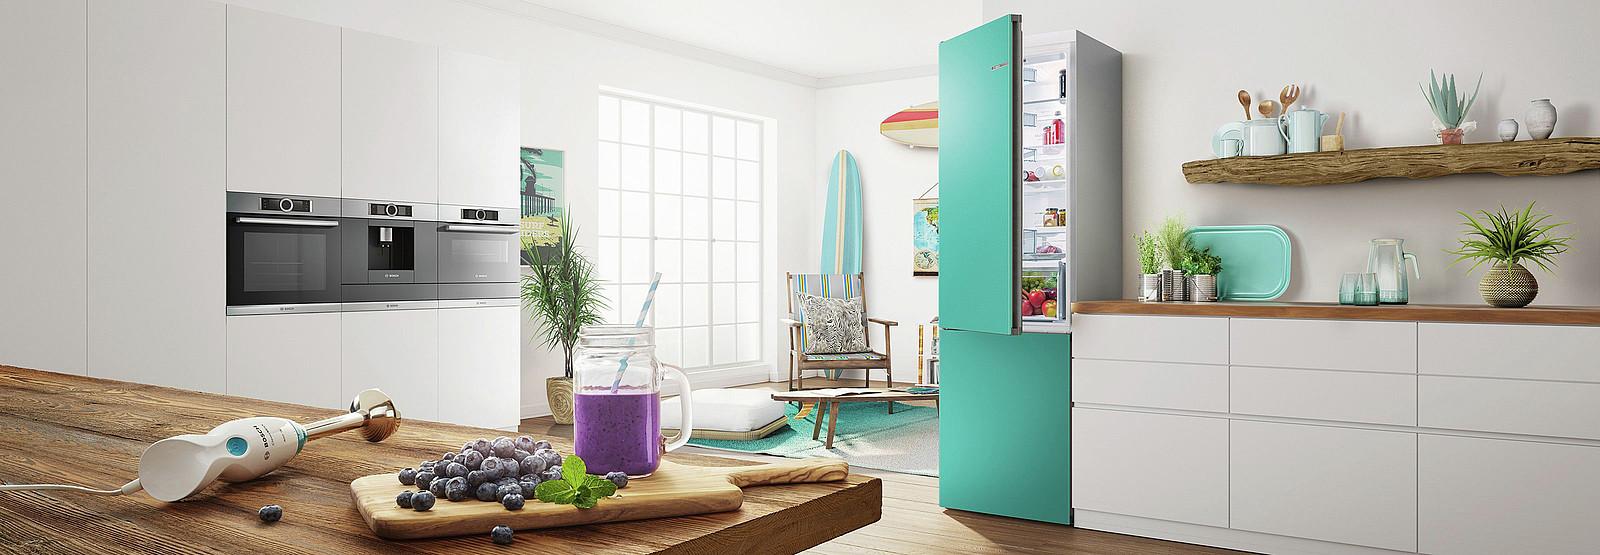 Full Size of Landhausküche Wandfarbe Kchenfarben Welche Farbe Passt Zu Wem Weisse Gebraucht Weiß Moderne Grau Wohnzimmer Landhausküche Wandfarbe